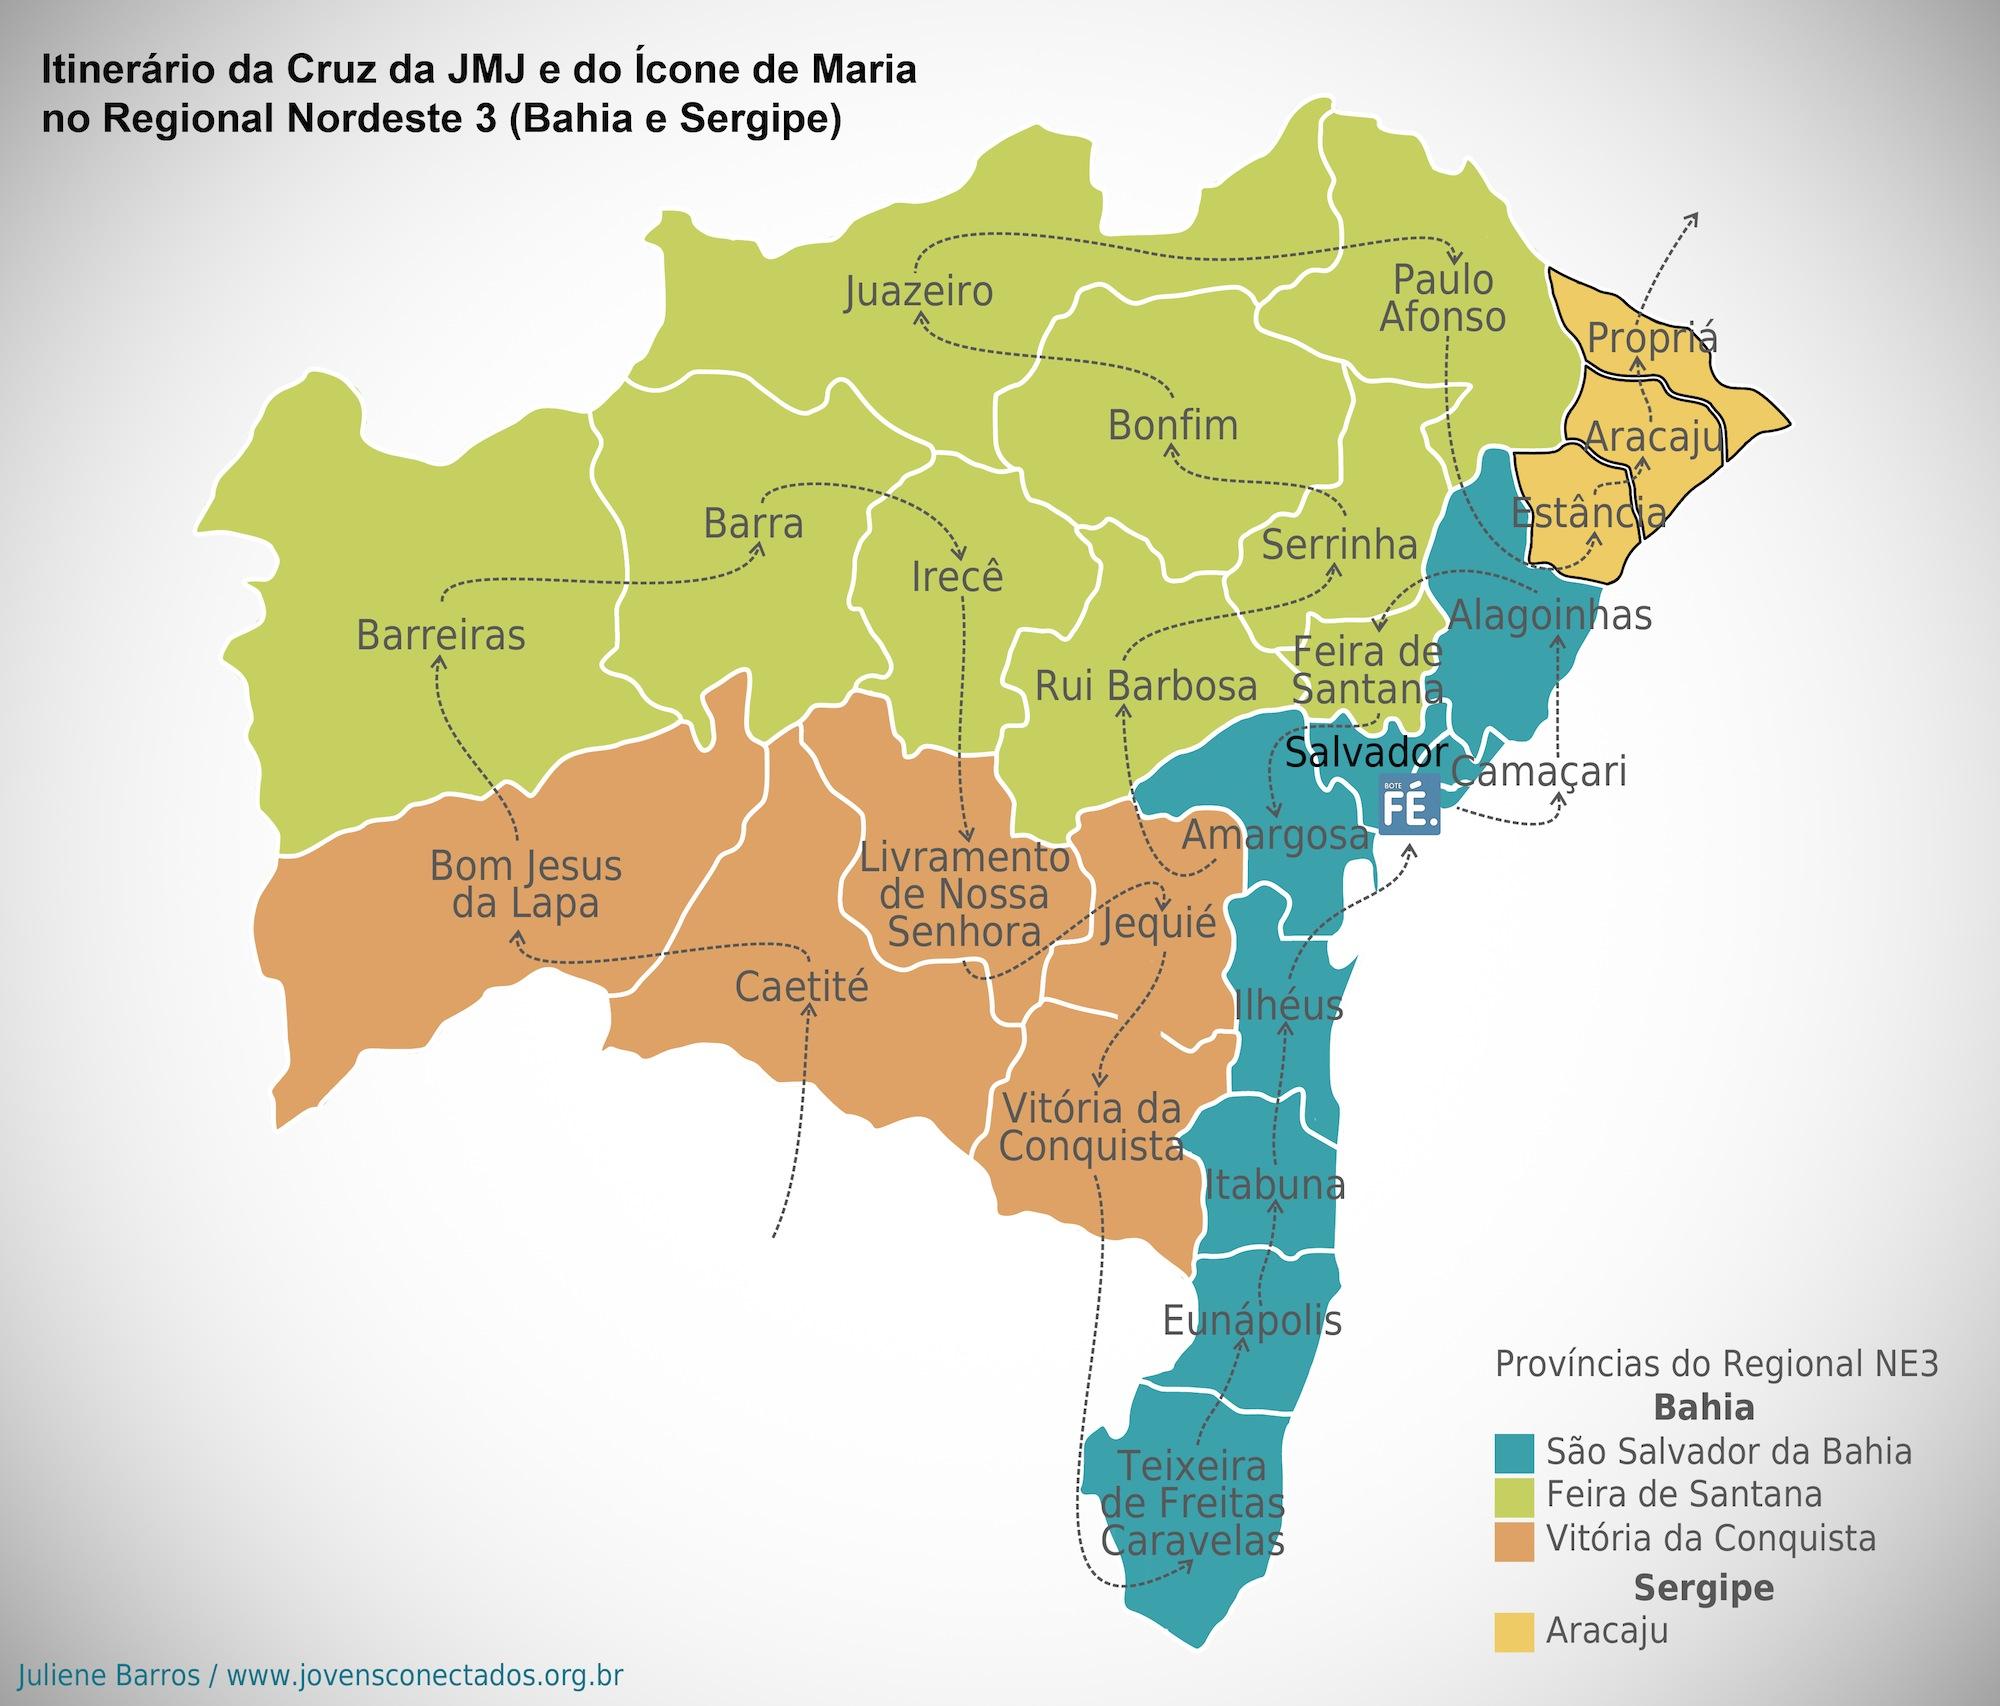 Veja como foi a peregrinação da Cruz dos Jovens e do Ícone na Bahia e em Sergipe